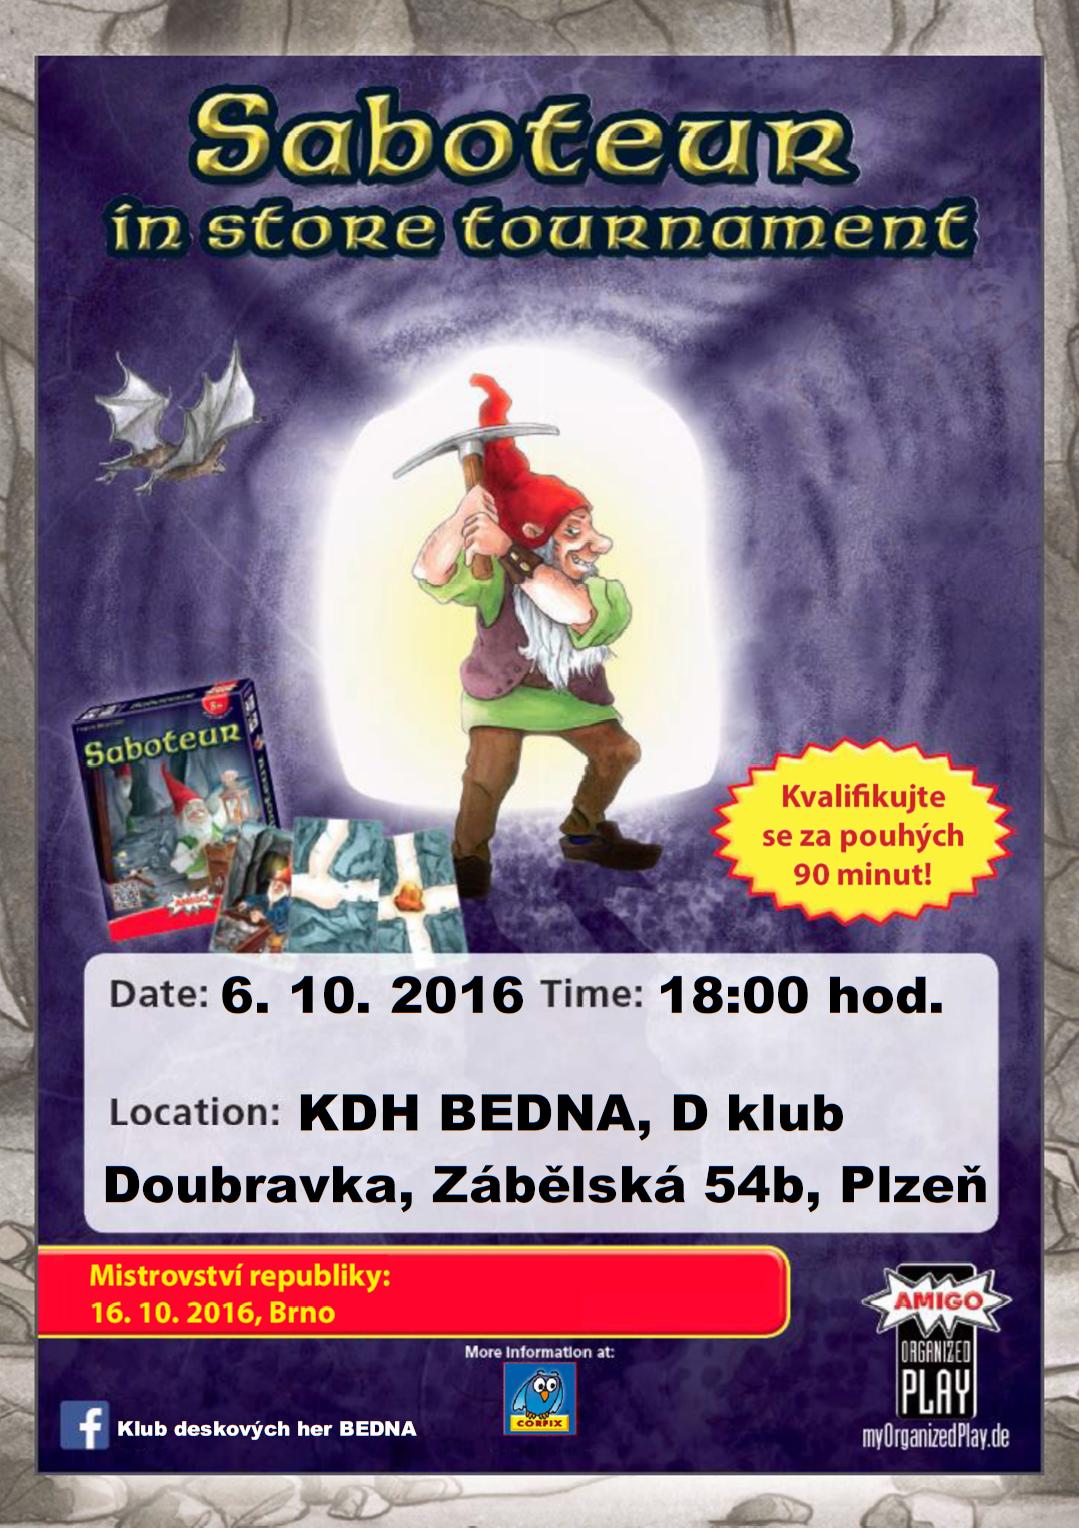 pozvánka na turnaj SPLENDOR